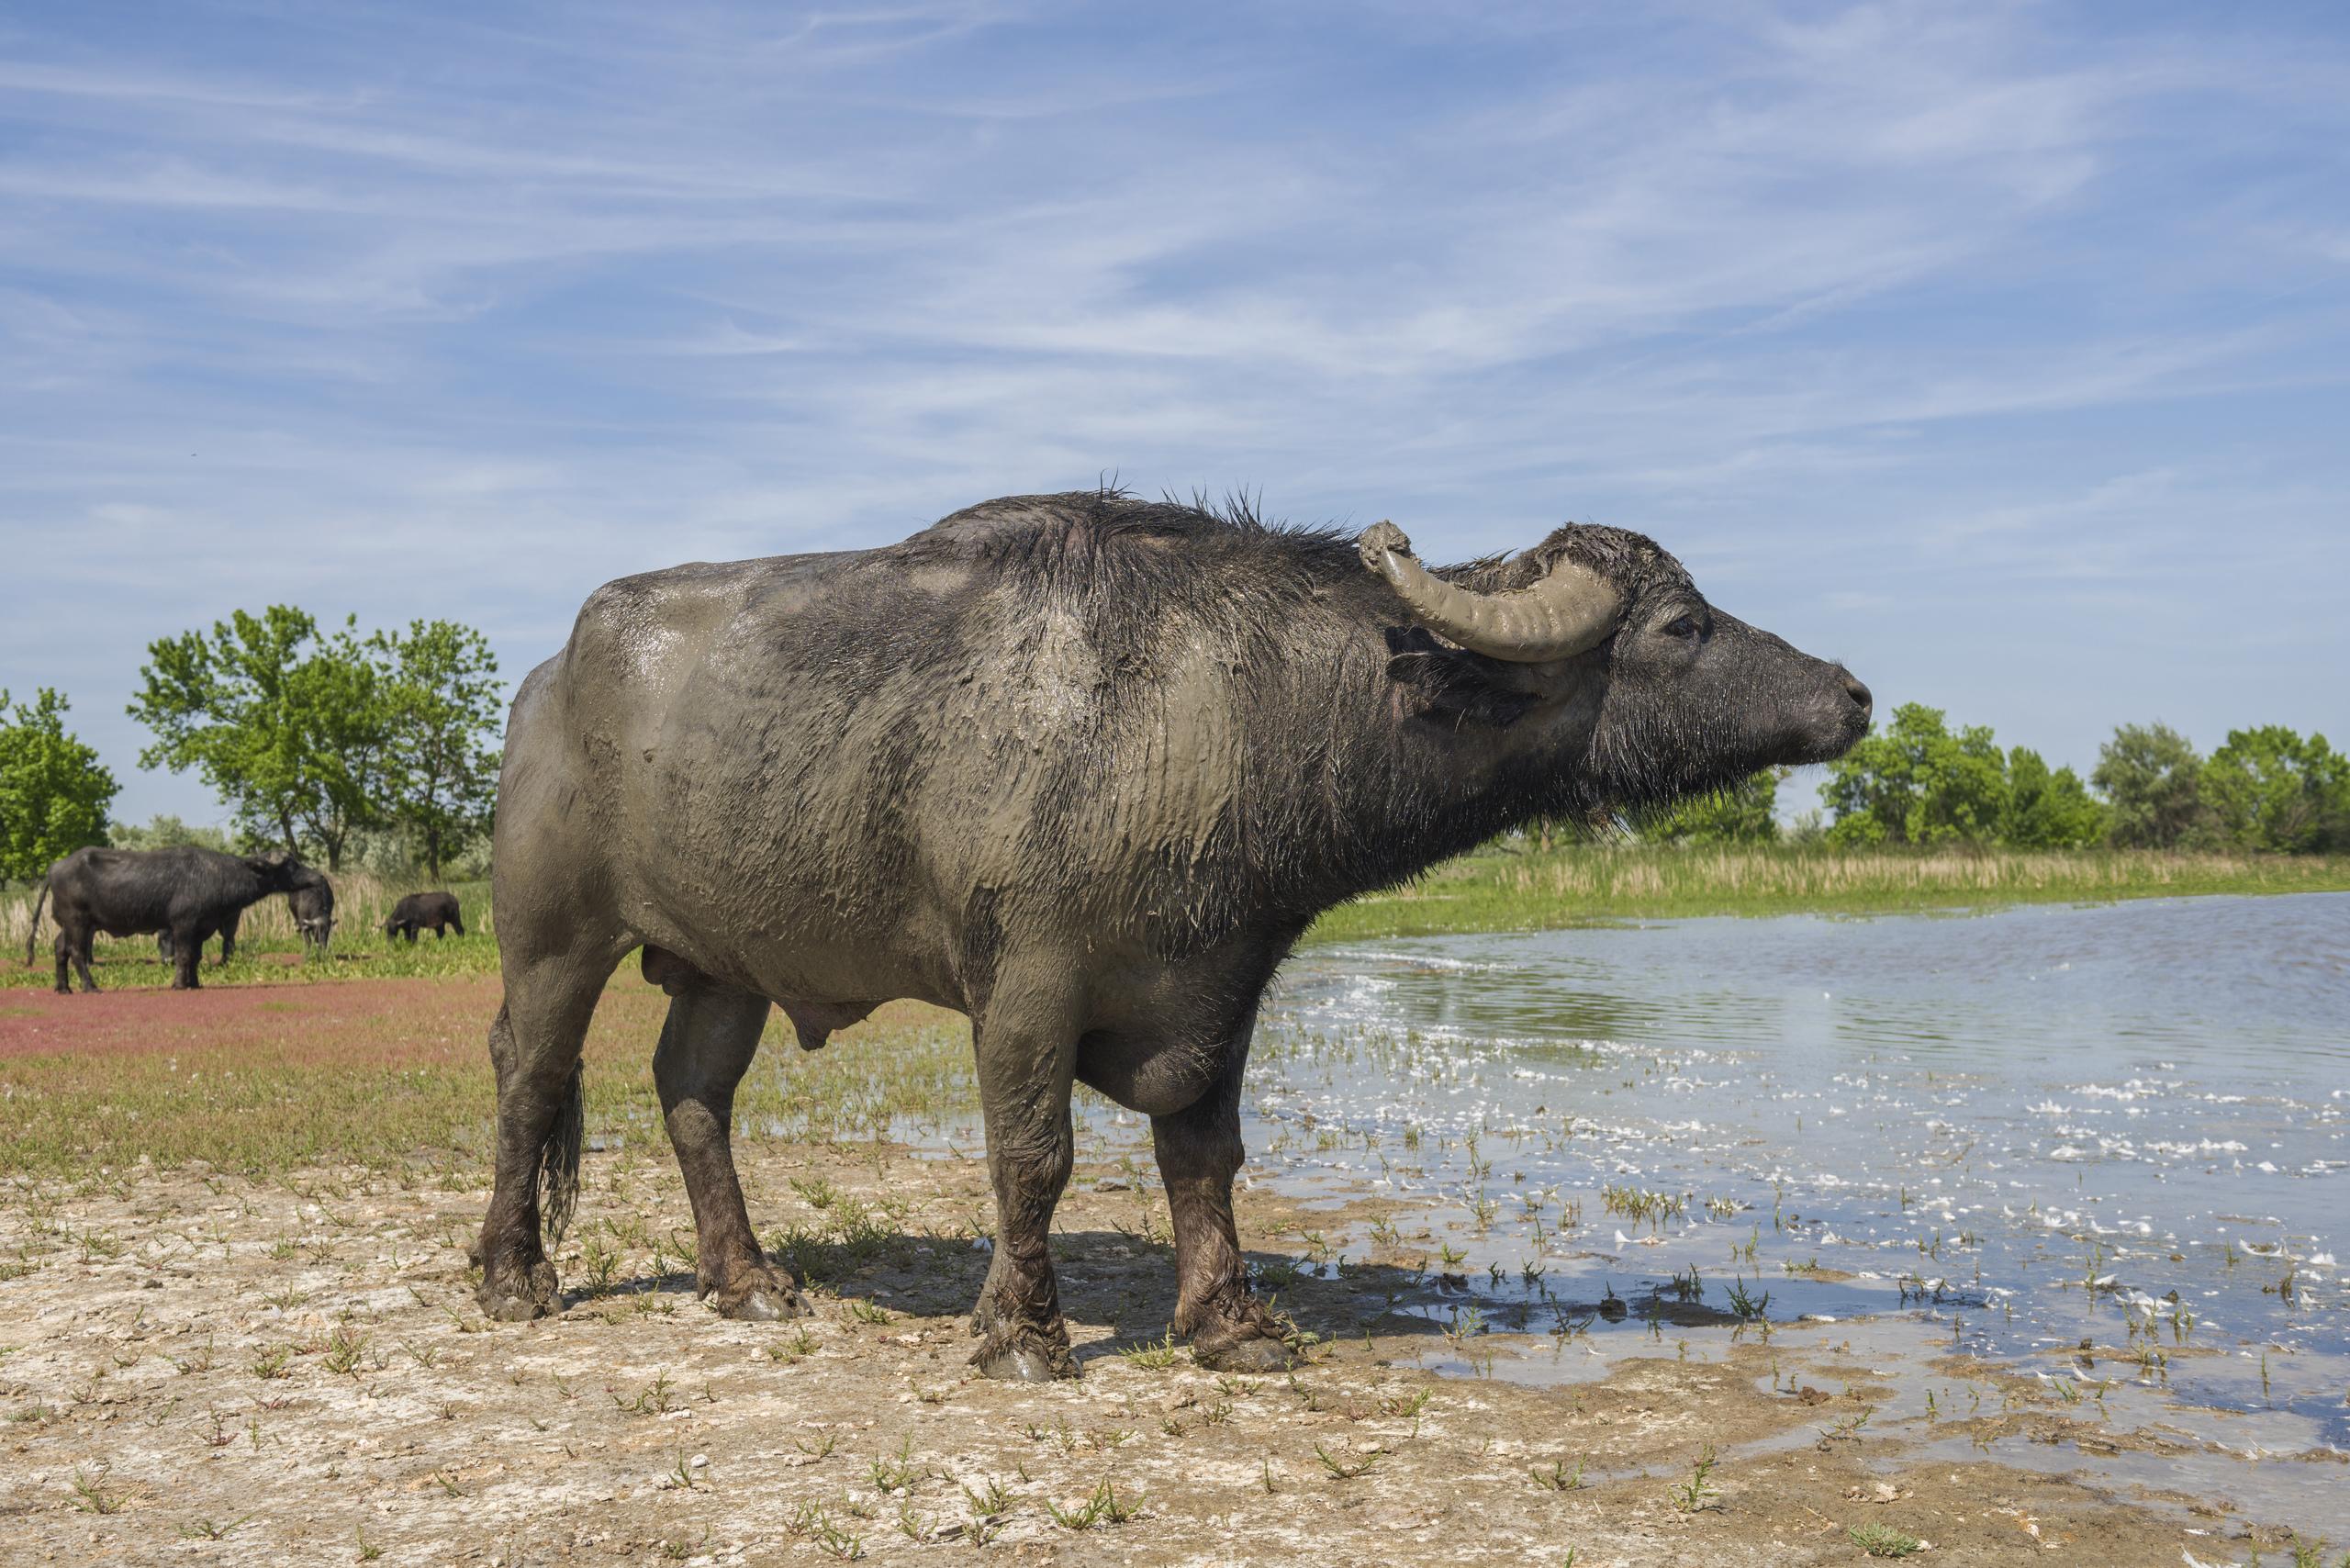 Буйвол идет по затопленным лугам. Водяной буйвол (Bubalus bubalis bubalis)